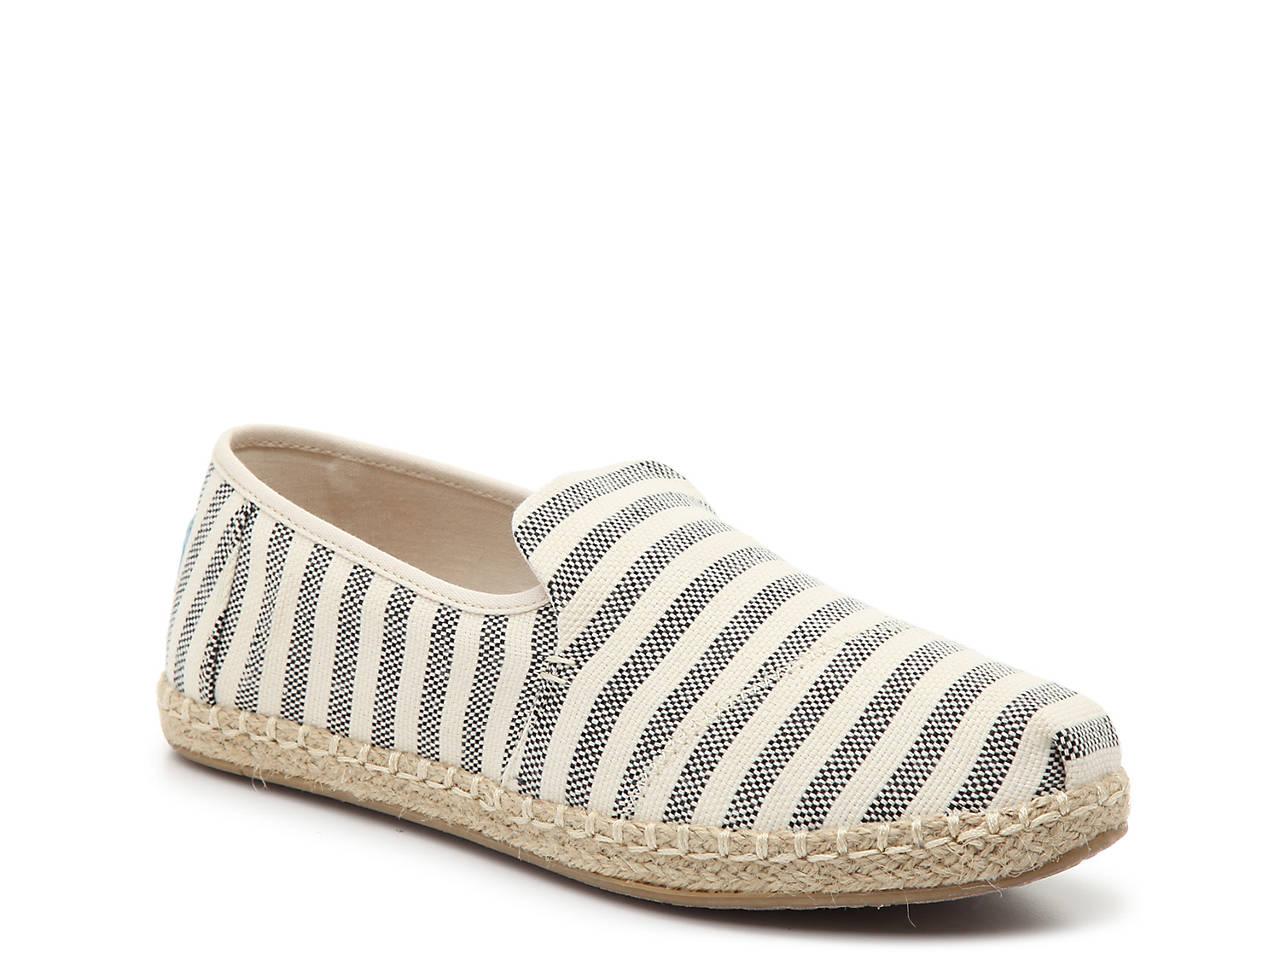 3c2b8799873 TOMS Deconstructed Alpargata Espadrille Slip-On Women s Shoes